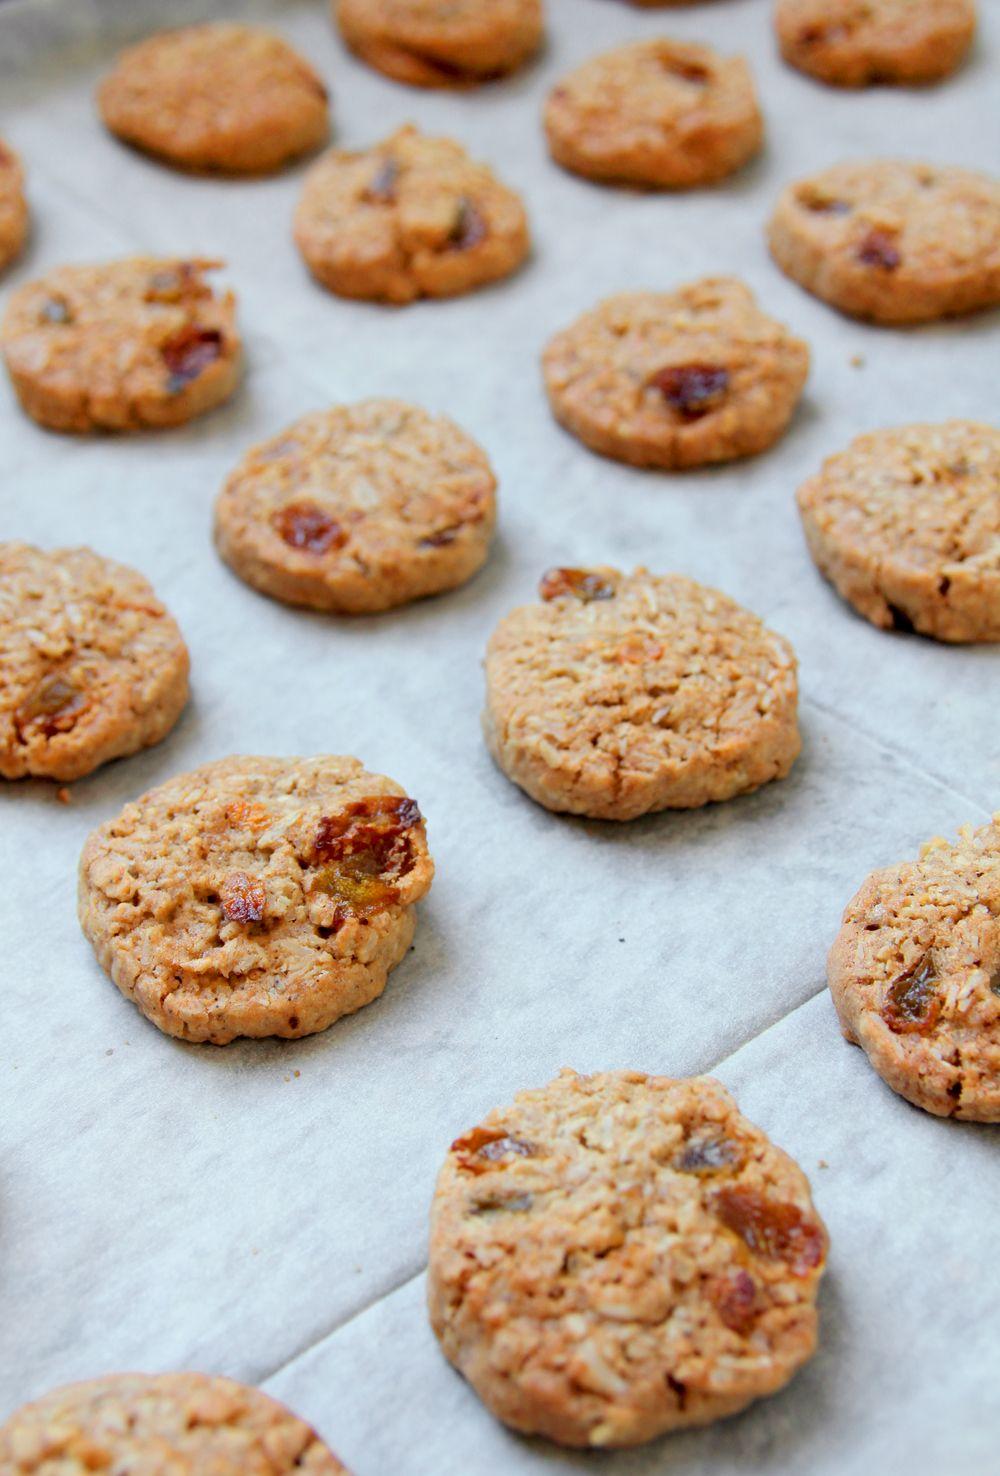 עוגיות שיבולת שועל, שקדים וצימוקים